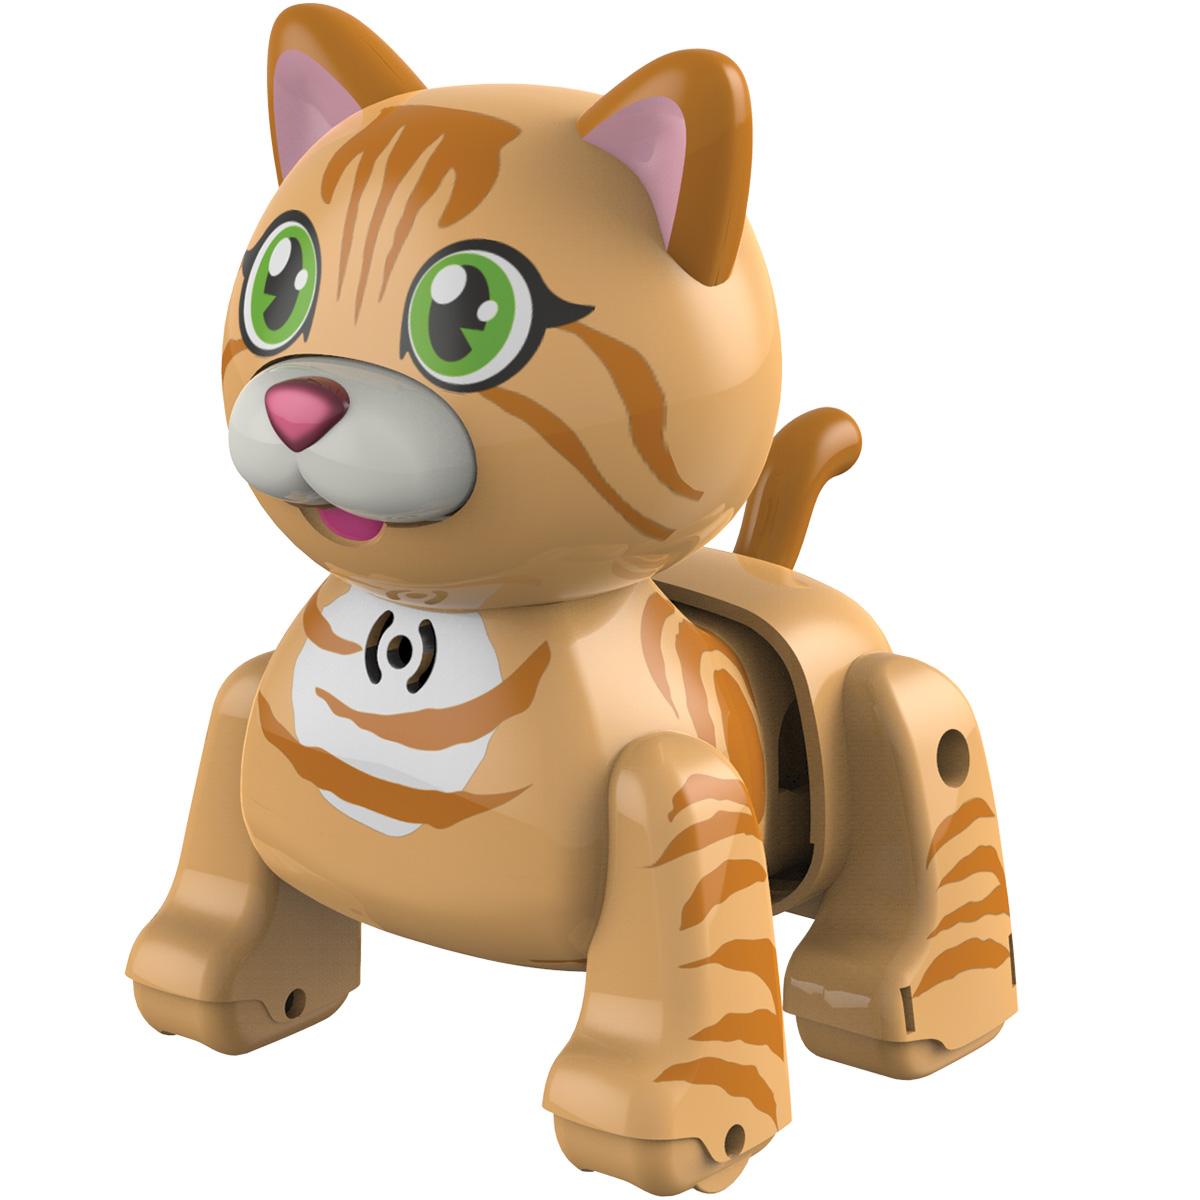 Интерактивный котенок - Американский короткошерстныйСкидки до 70%<br>Интерактивный котенок - Американский короткошерстный<br>